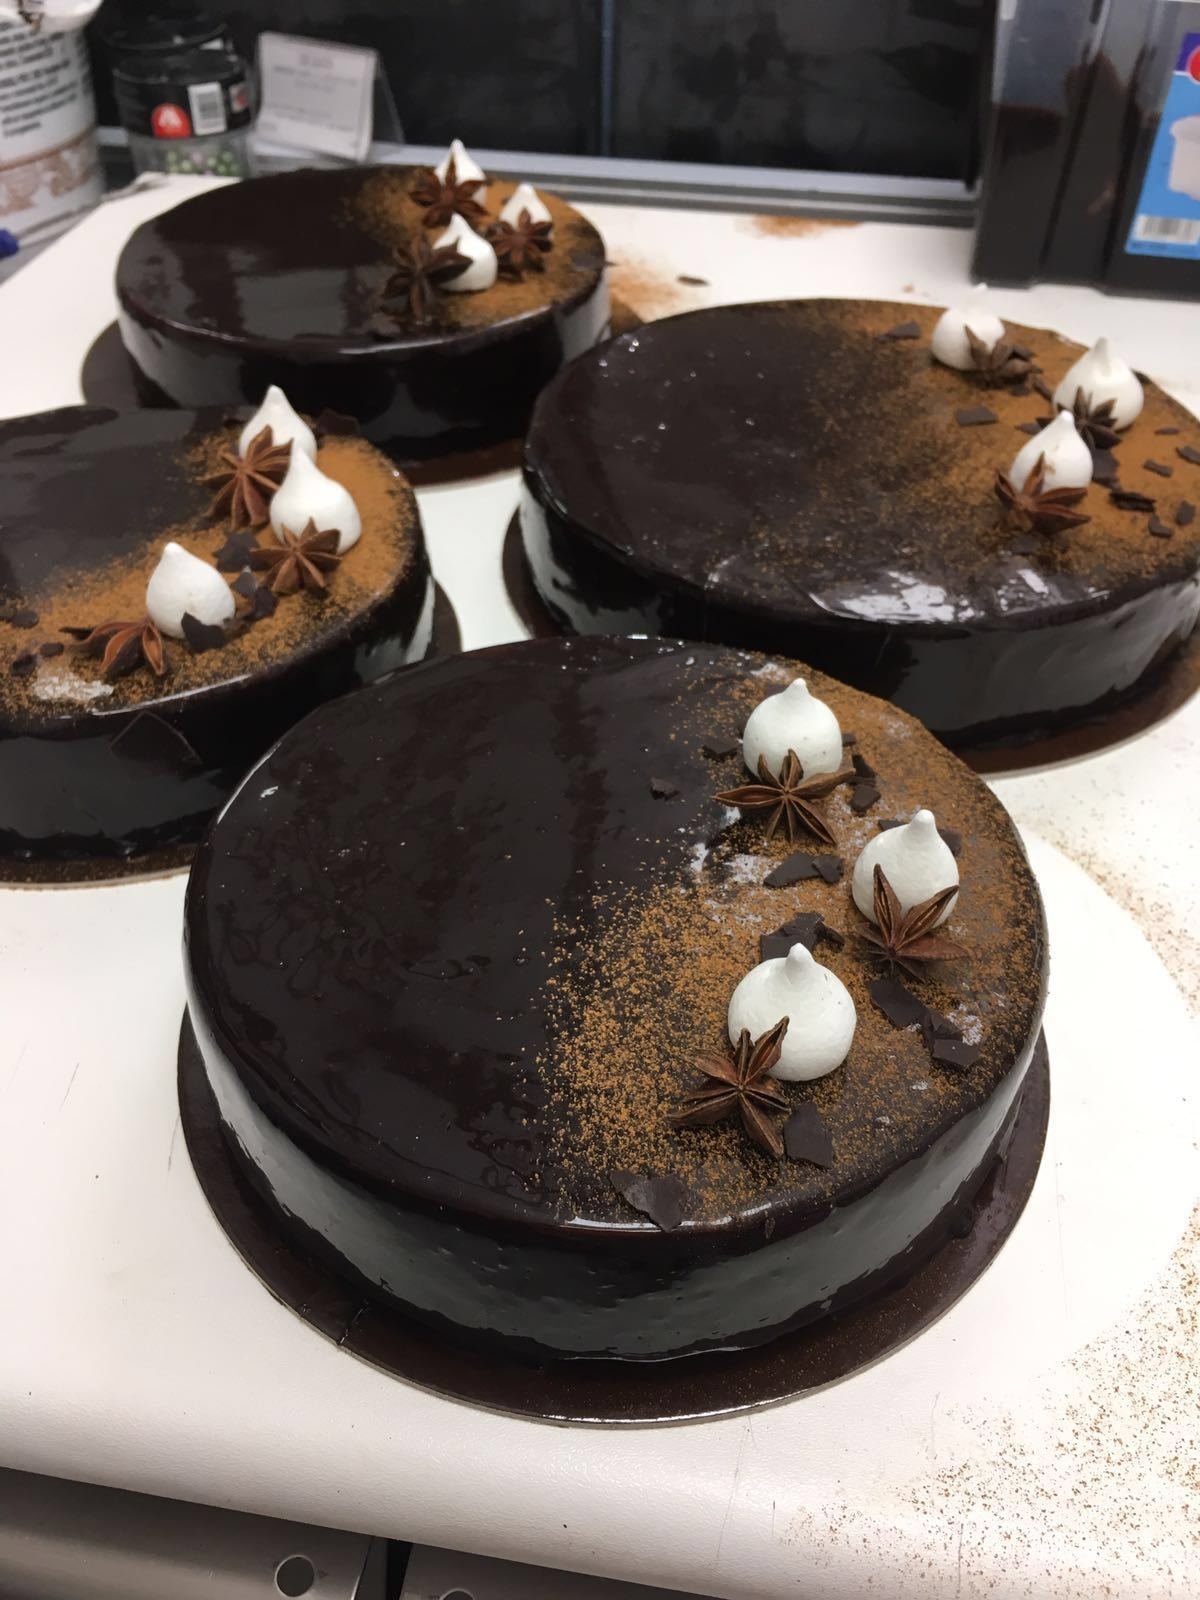 La torta al cioccolato.